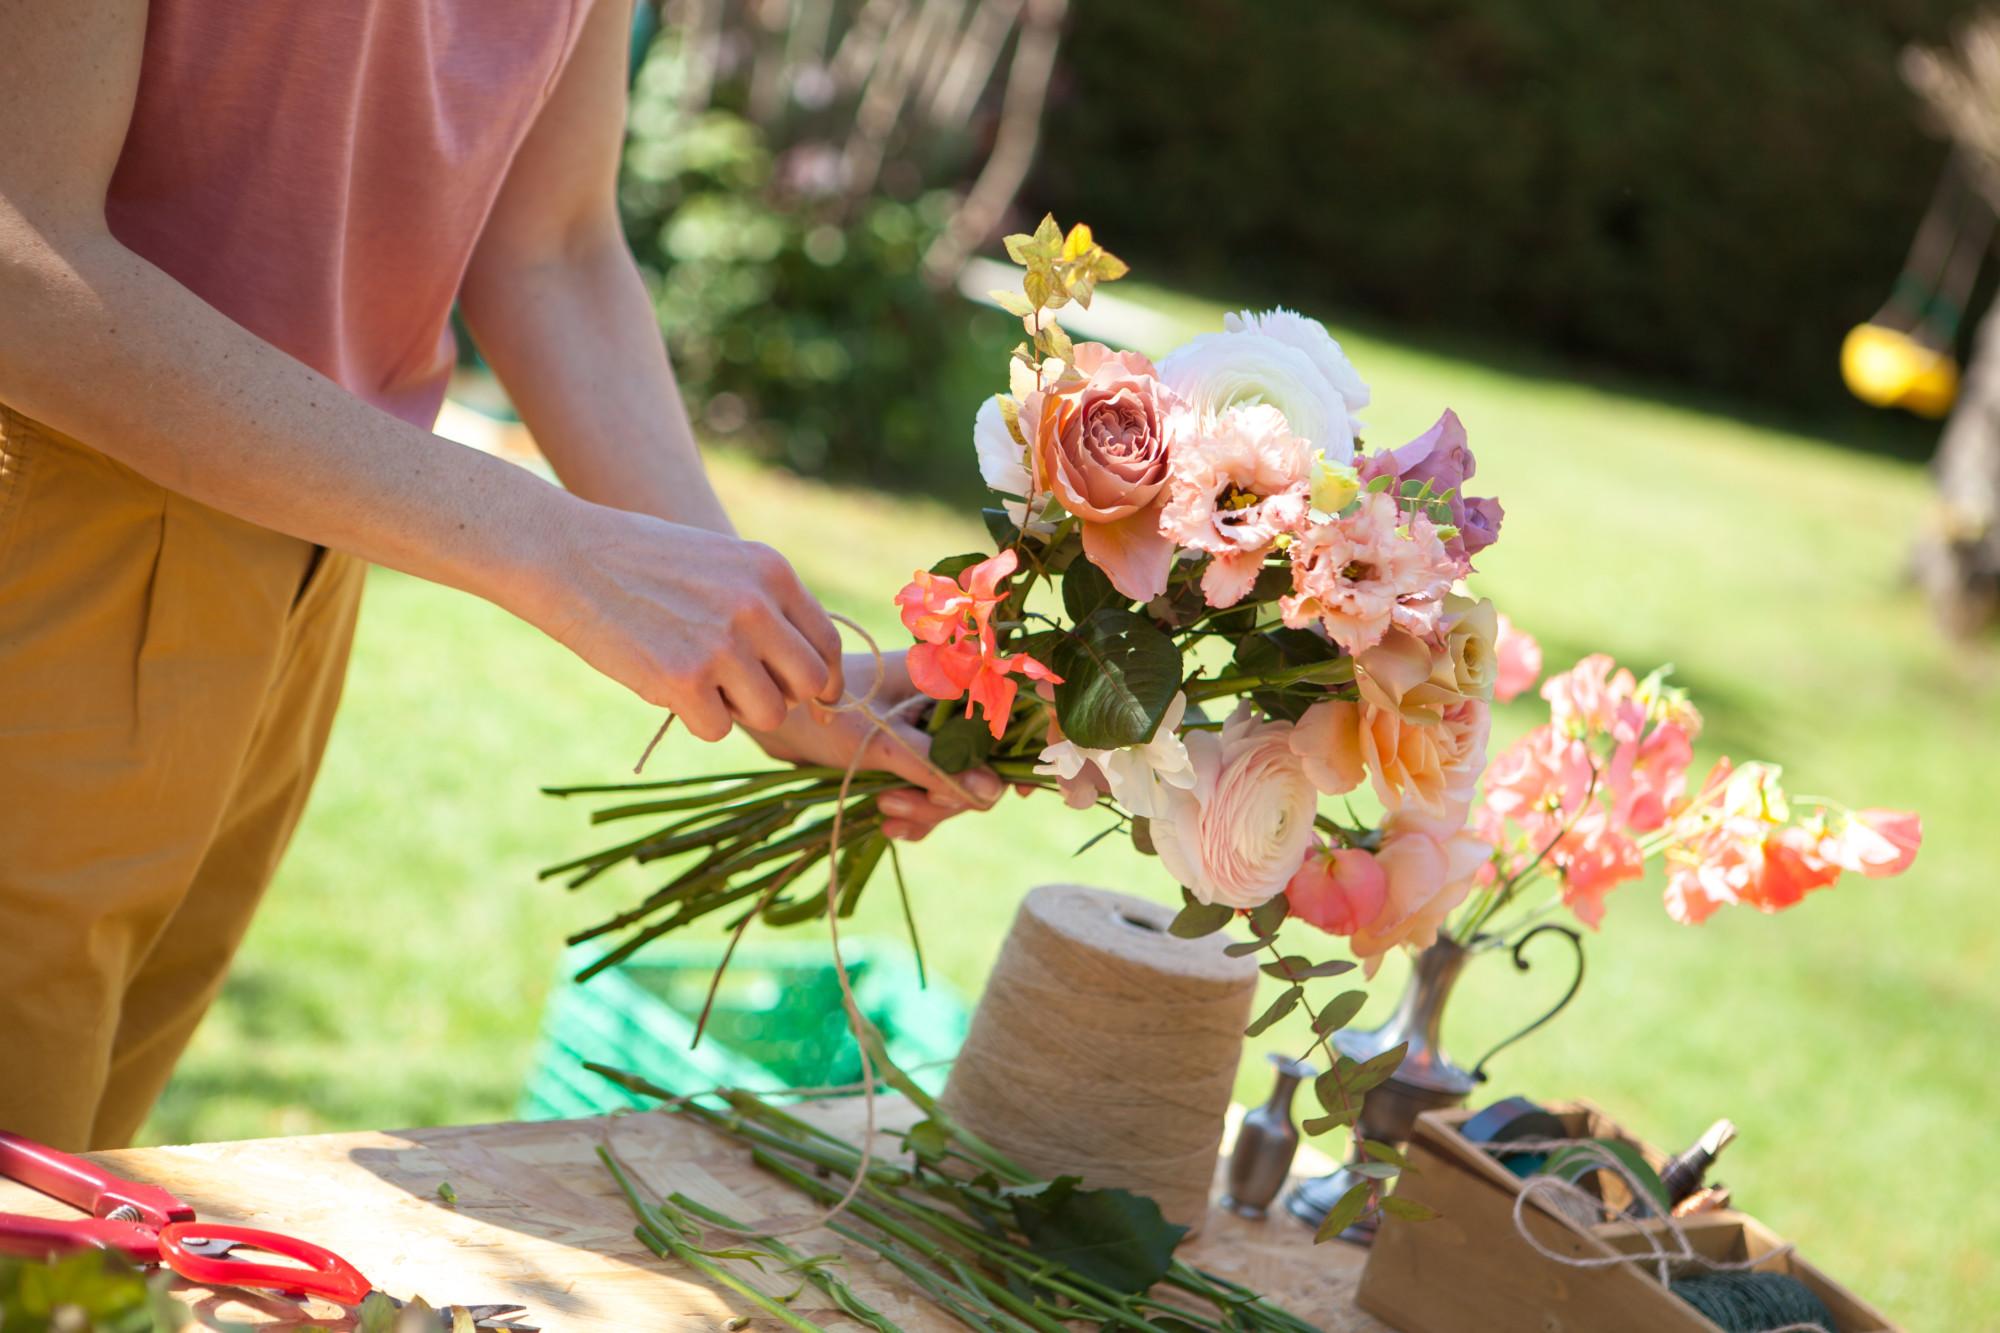 Workshop atelier floral